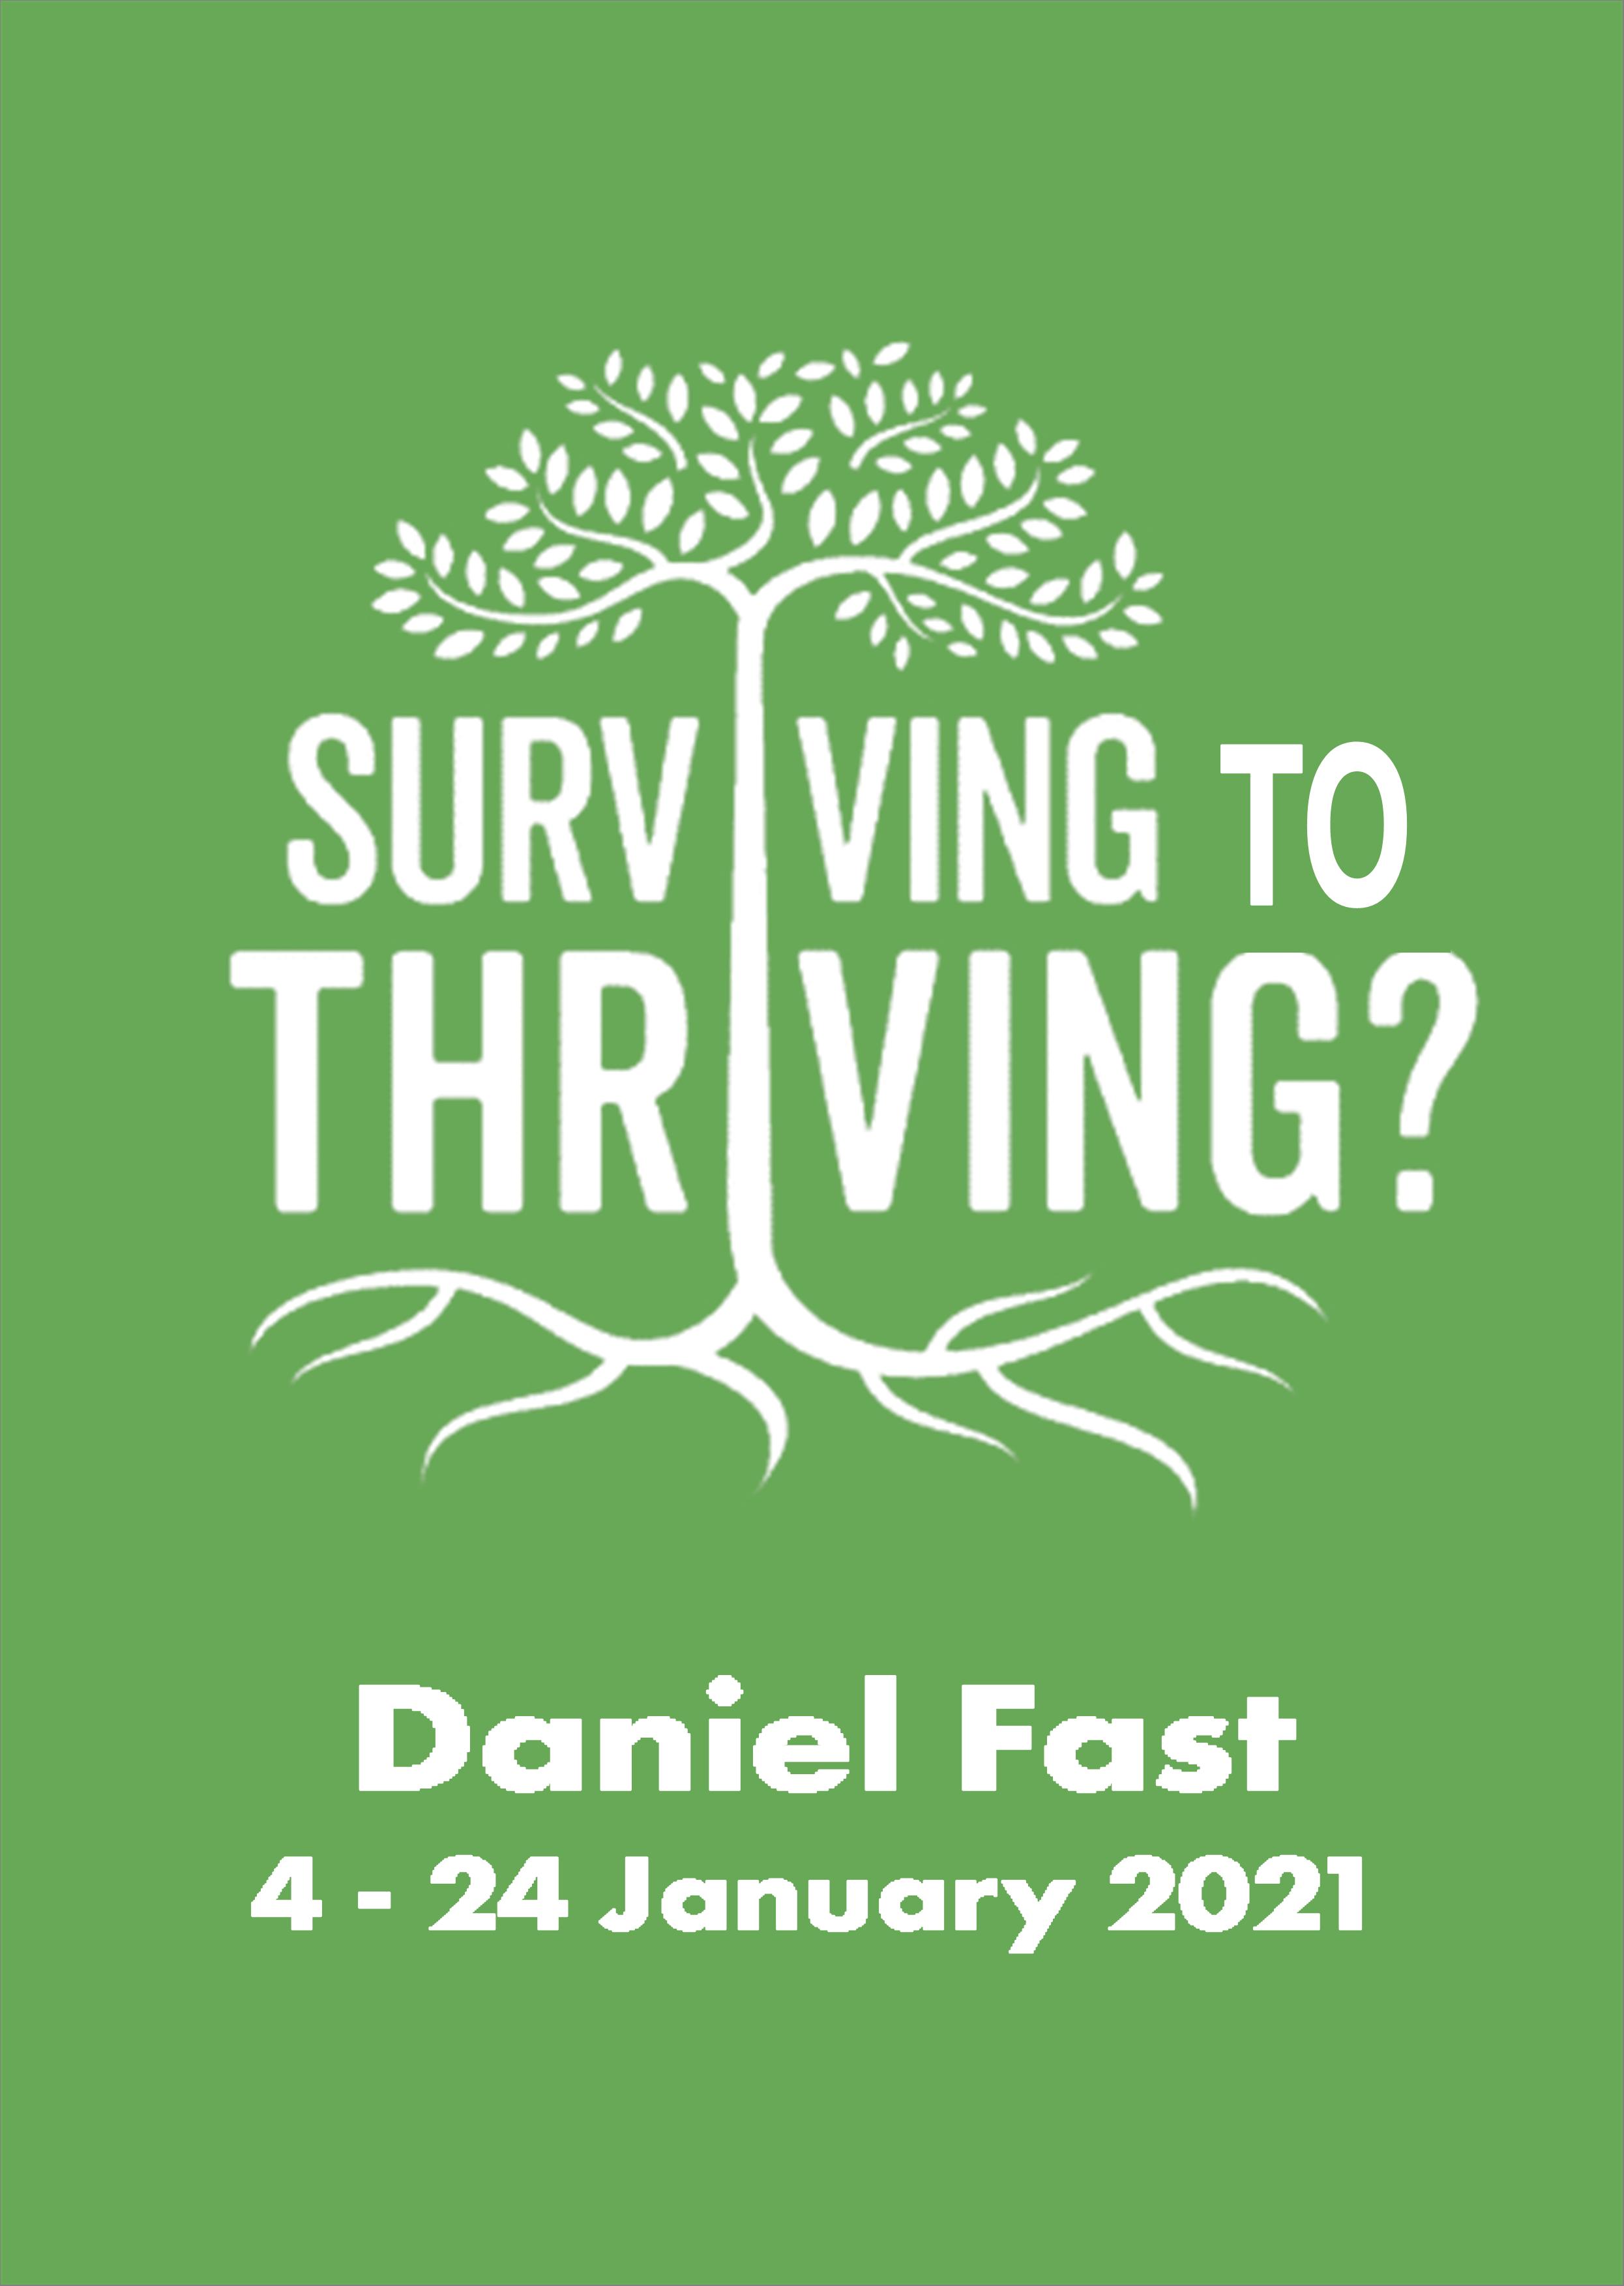 Daniel Fast 2021